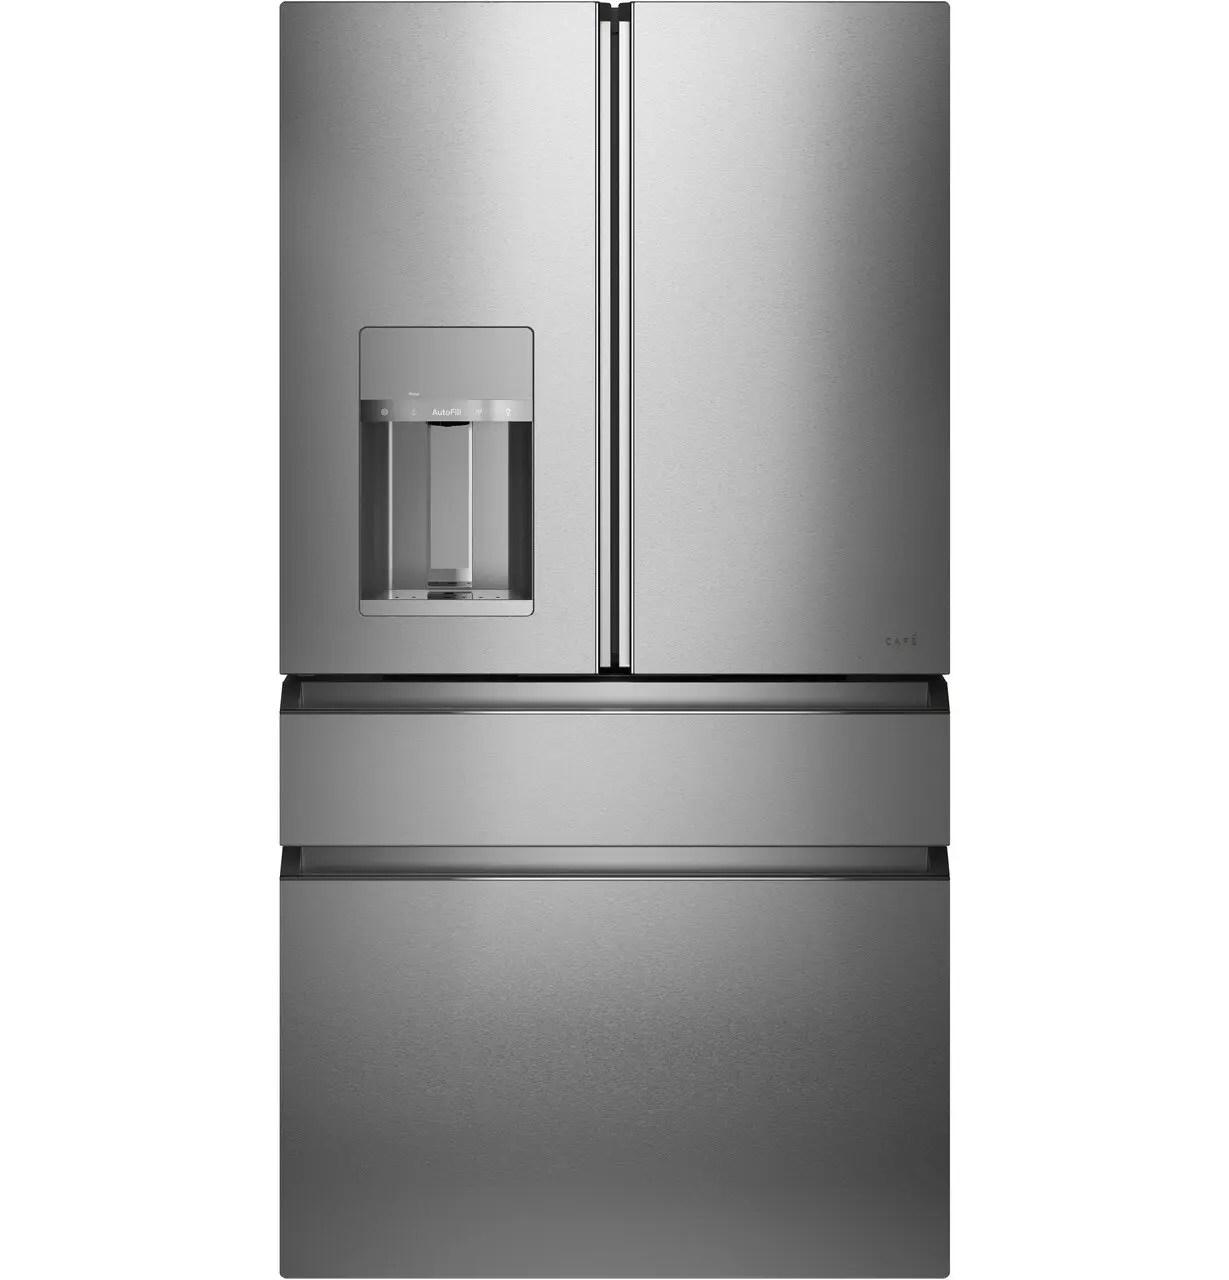 Caf(eback) ENERGY STAR® 27.8 Cu. Ft. Smart 4-Door French-Door Refrigerator in Platinum Glass